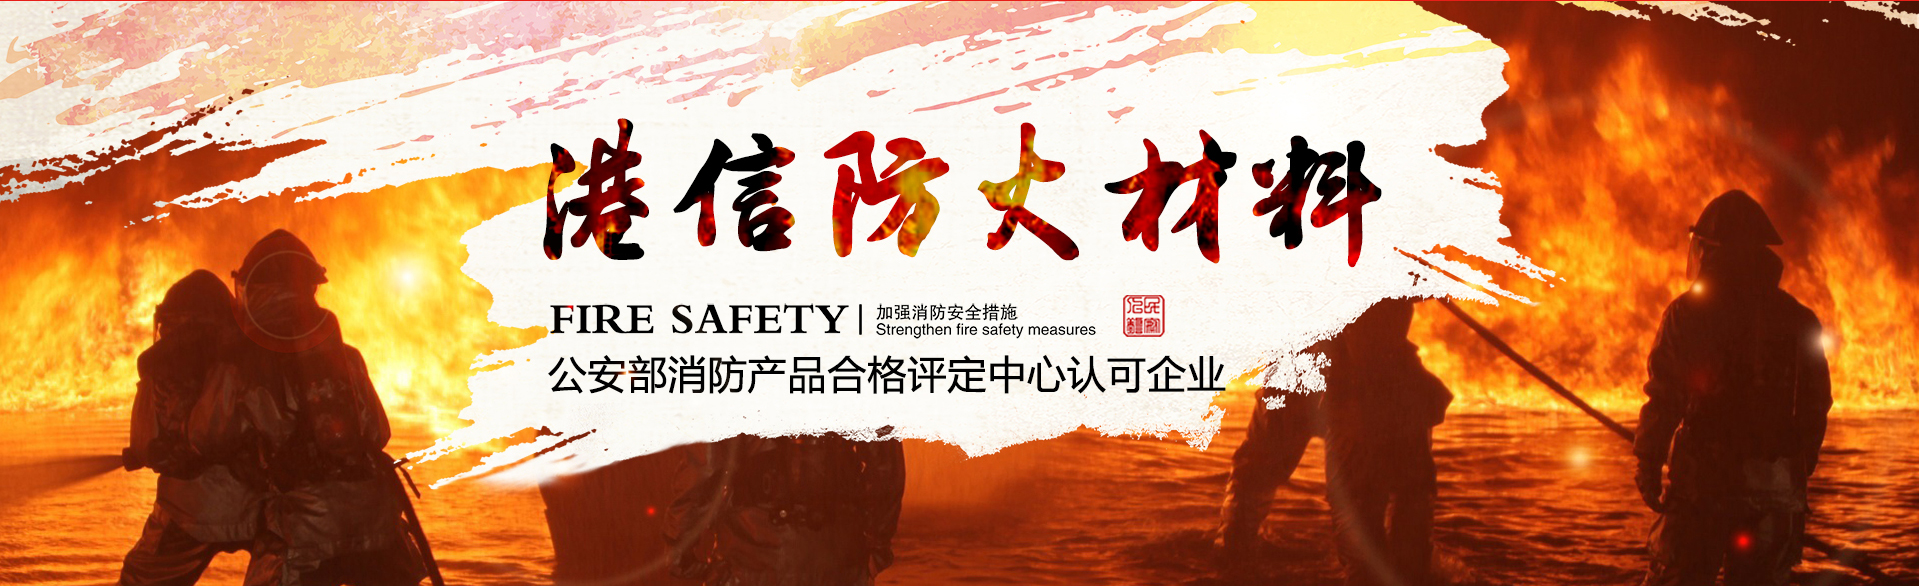 公安部消防产品合格评定中心认可企业